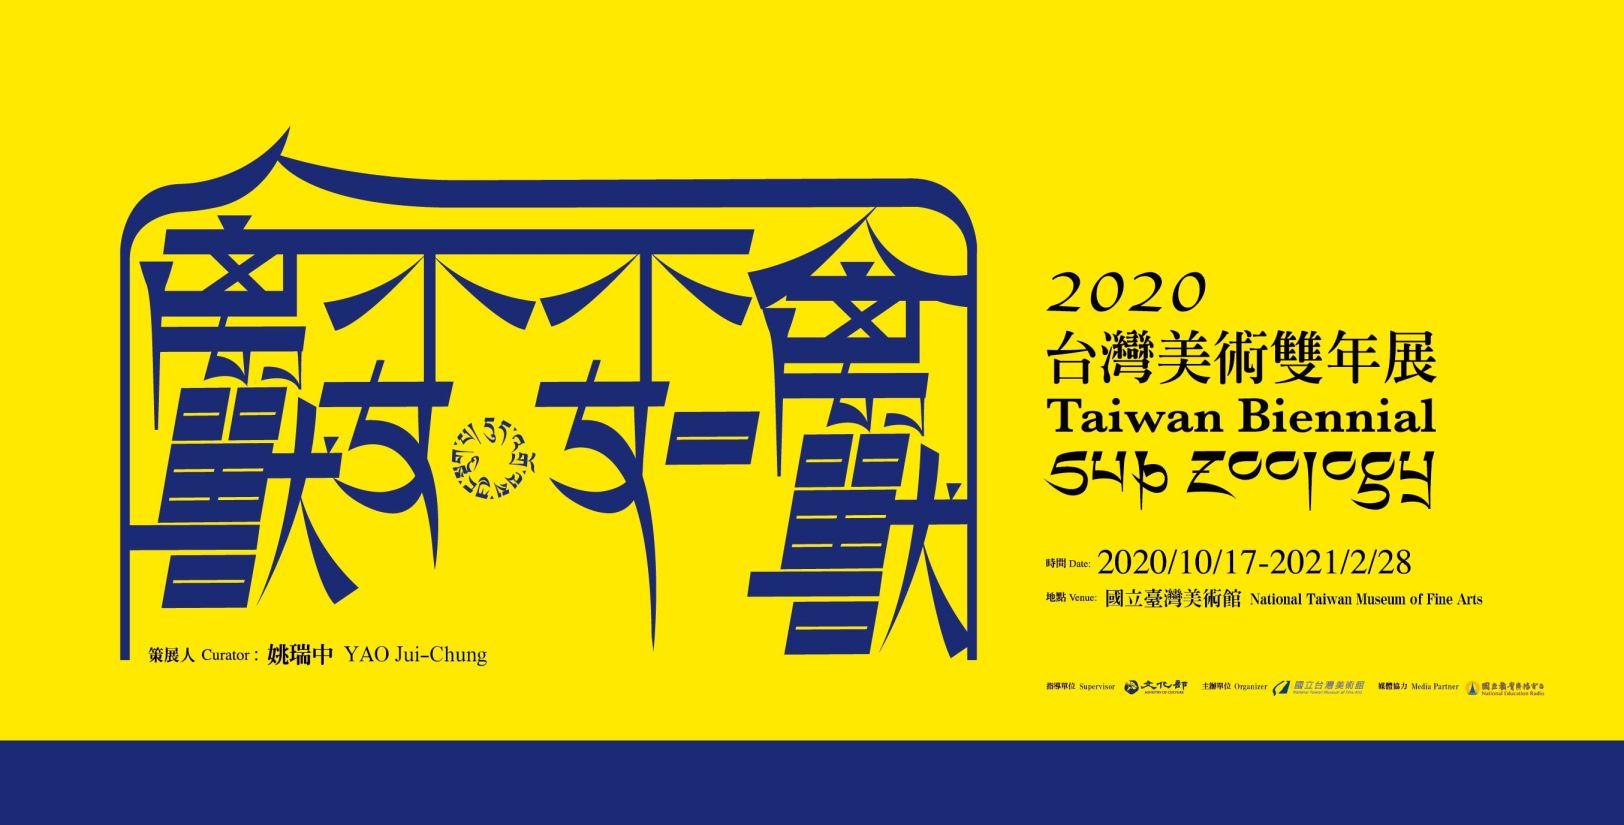 Subzoology: 2020 Taiwan Biennialopennewwindow